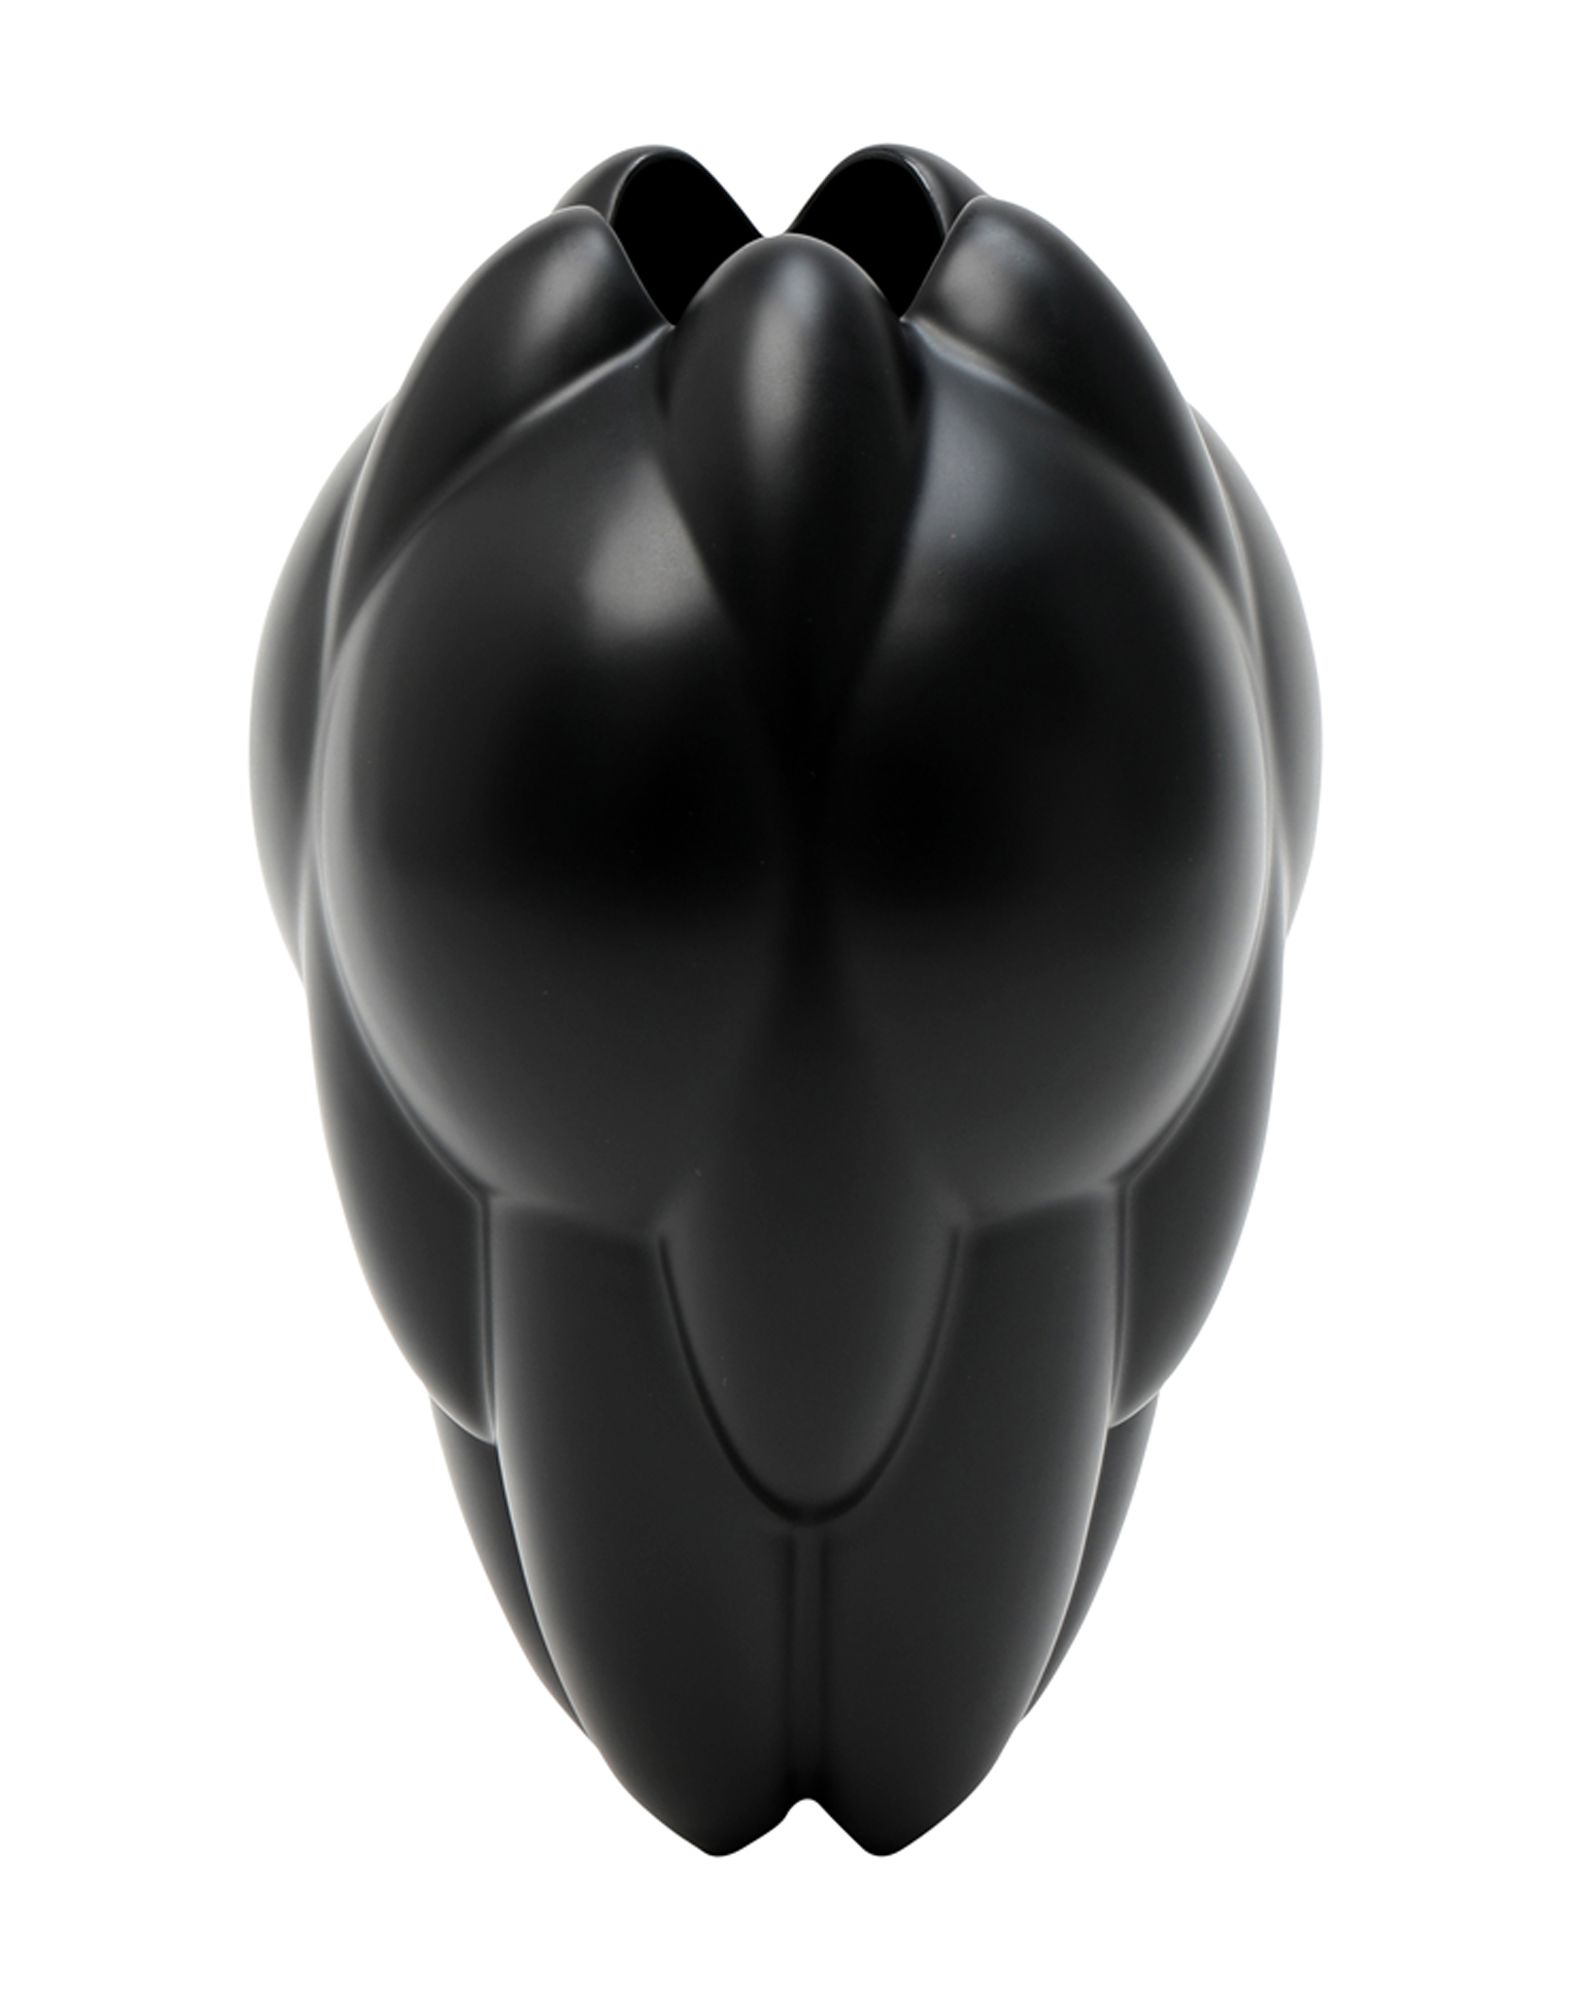 《期間限定セール開催中!》ROSENTHAL Unisex ベース ブラック セラミック